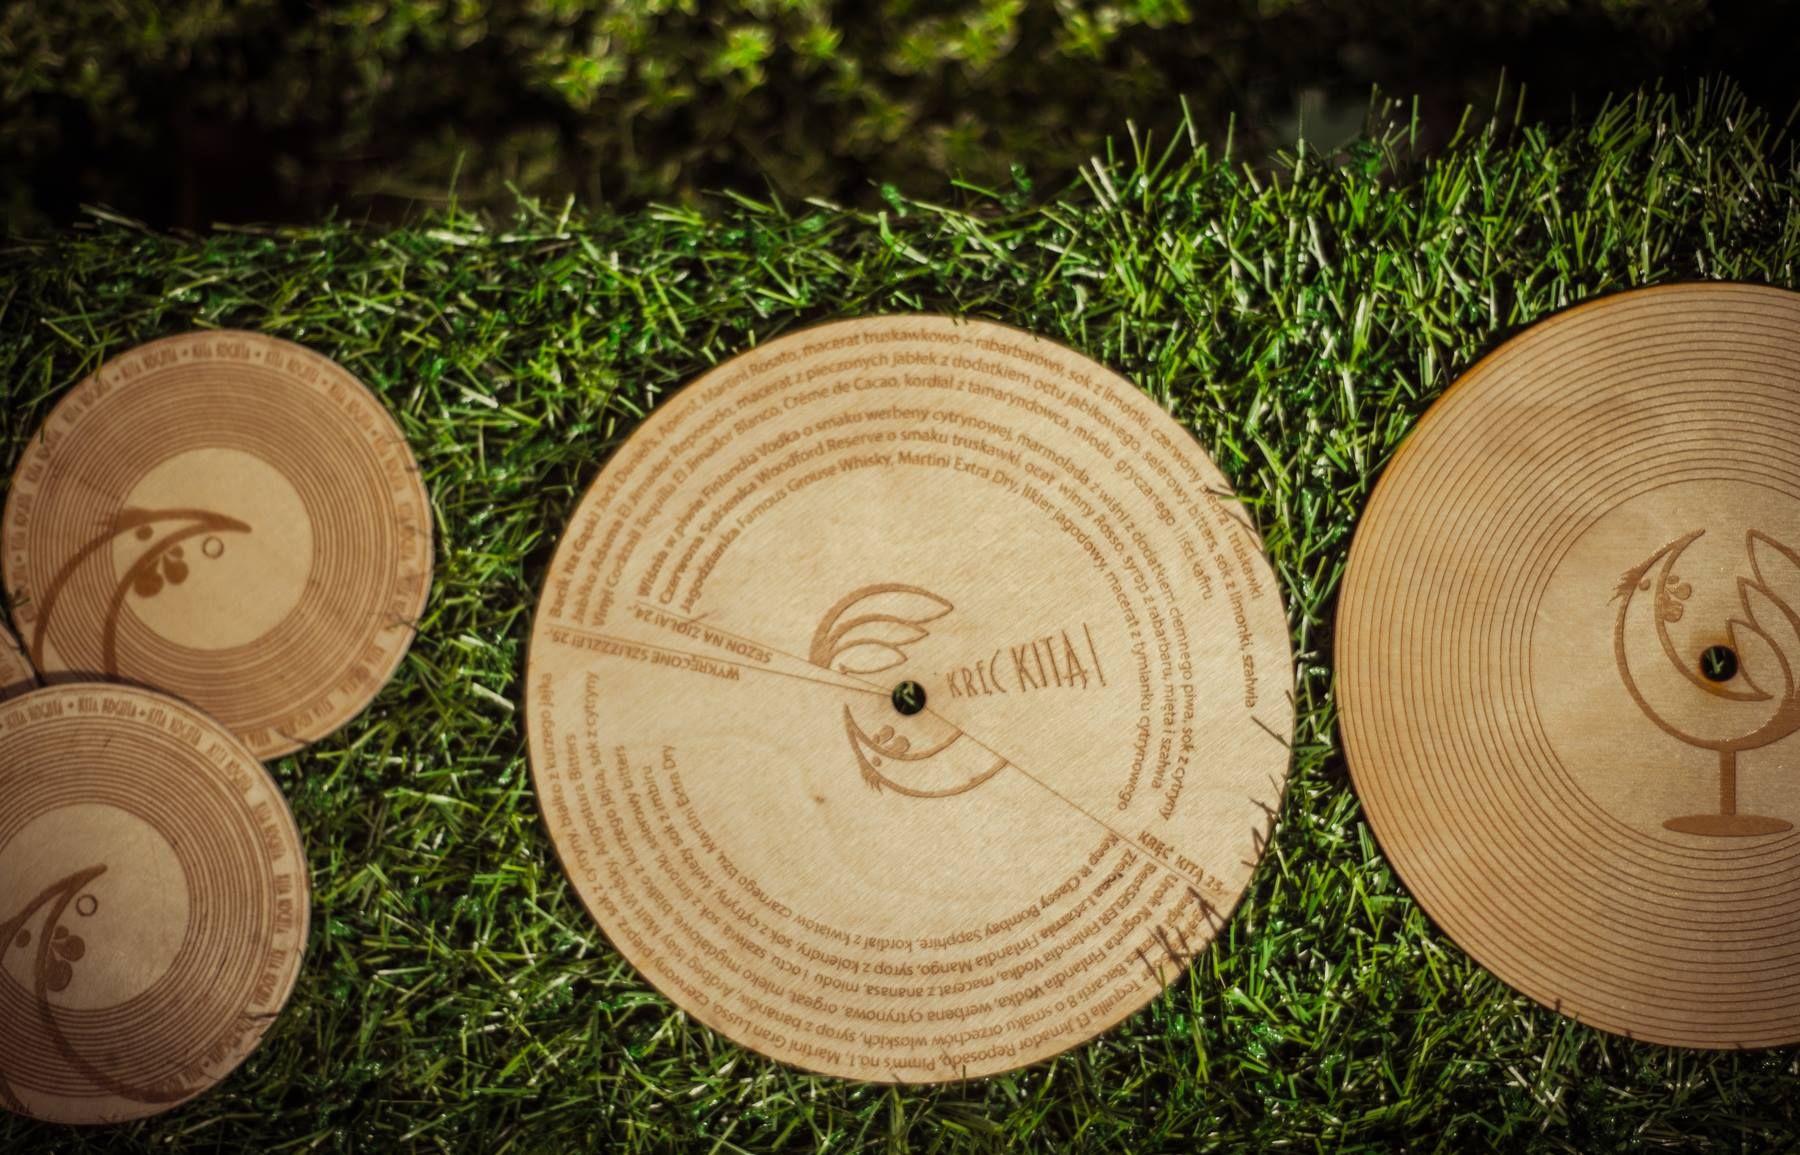 Kita Koguta i projekt MENU w formie drewnianego krążka winylowego (fot. Zajarani.pl)